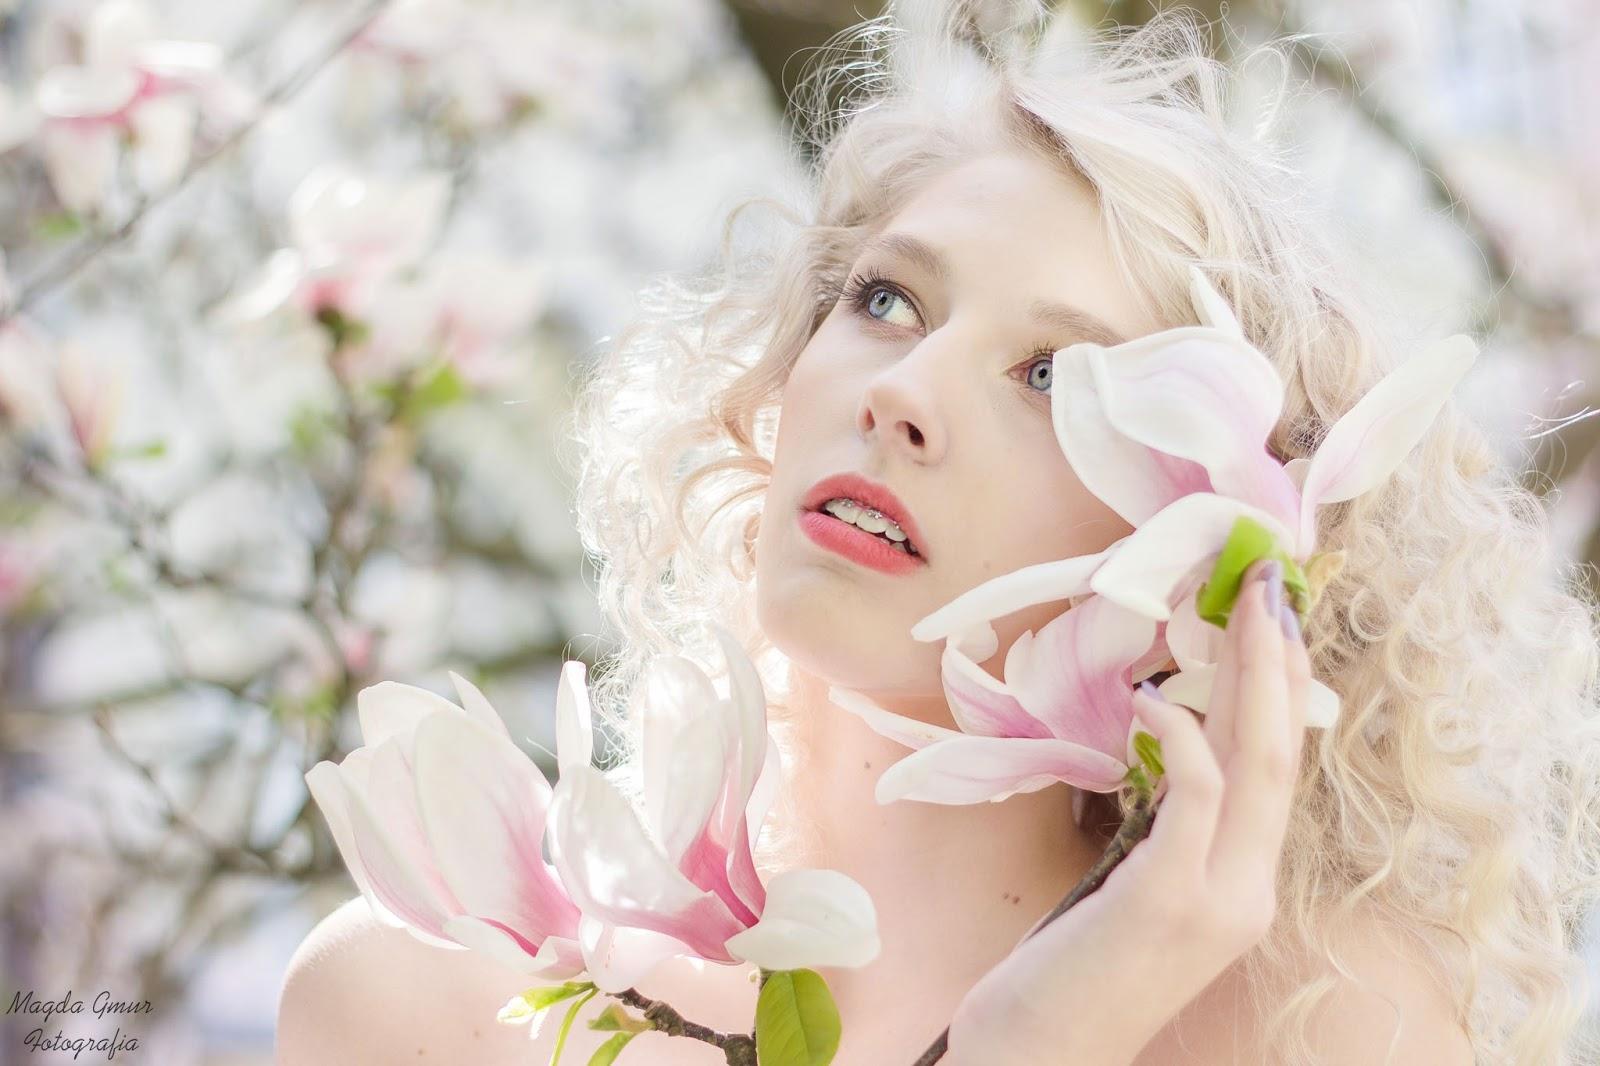 magda gmur fotografia, magnolie sesja, kwiaty, wiosenna sesja, kul magnolie, fotograf lublin, opoczno